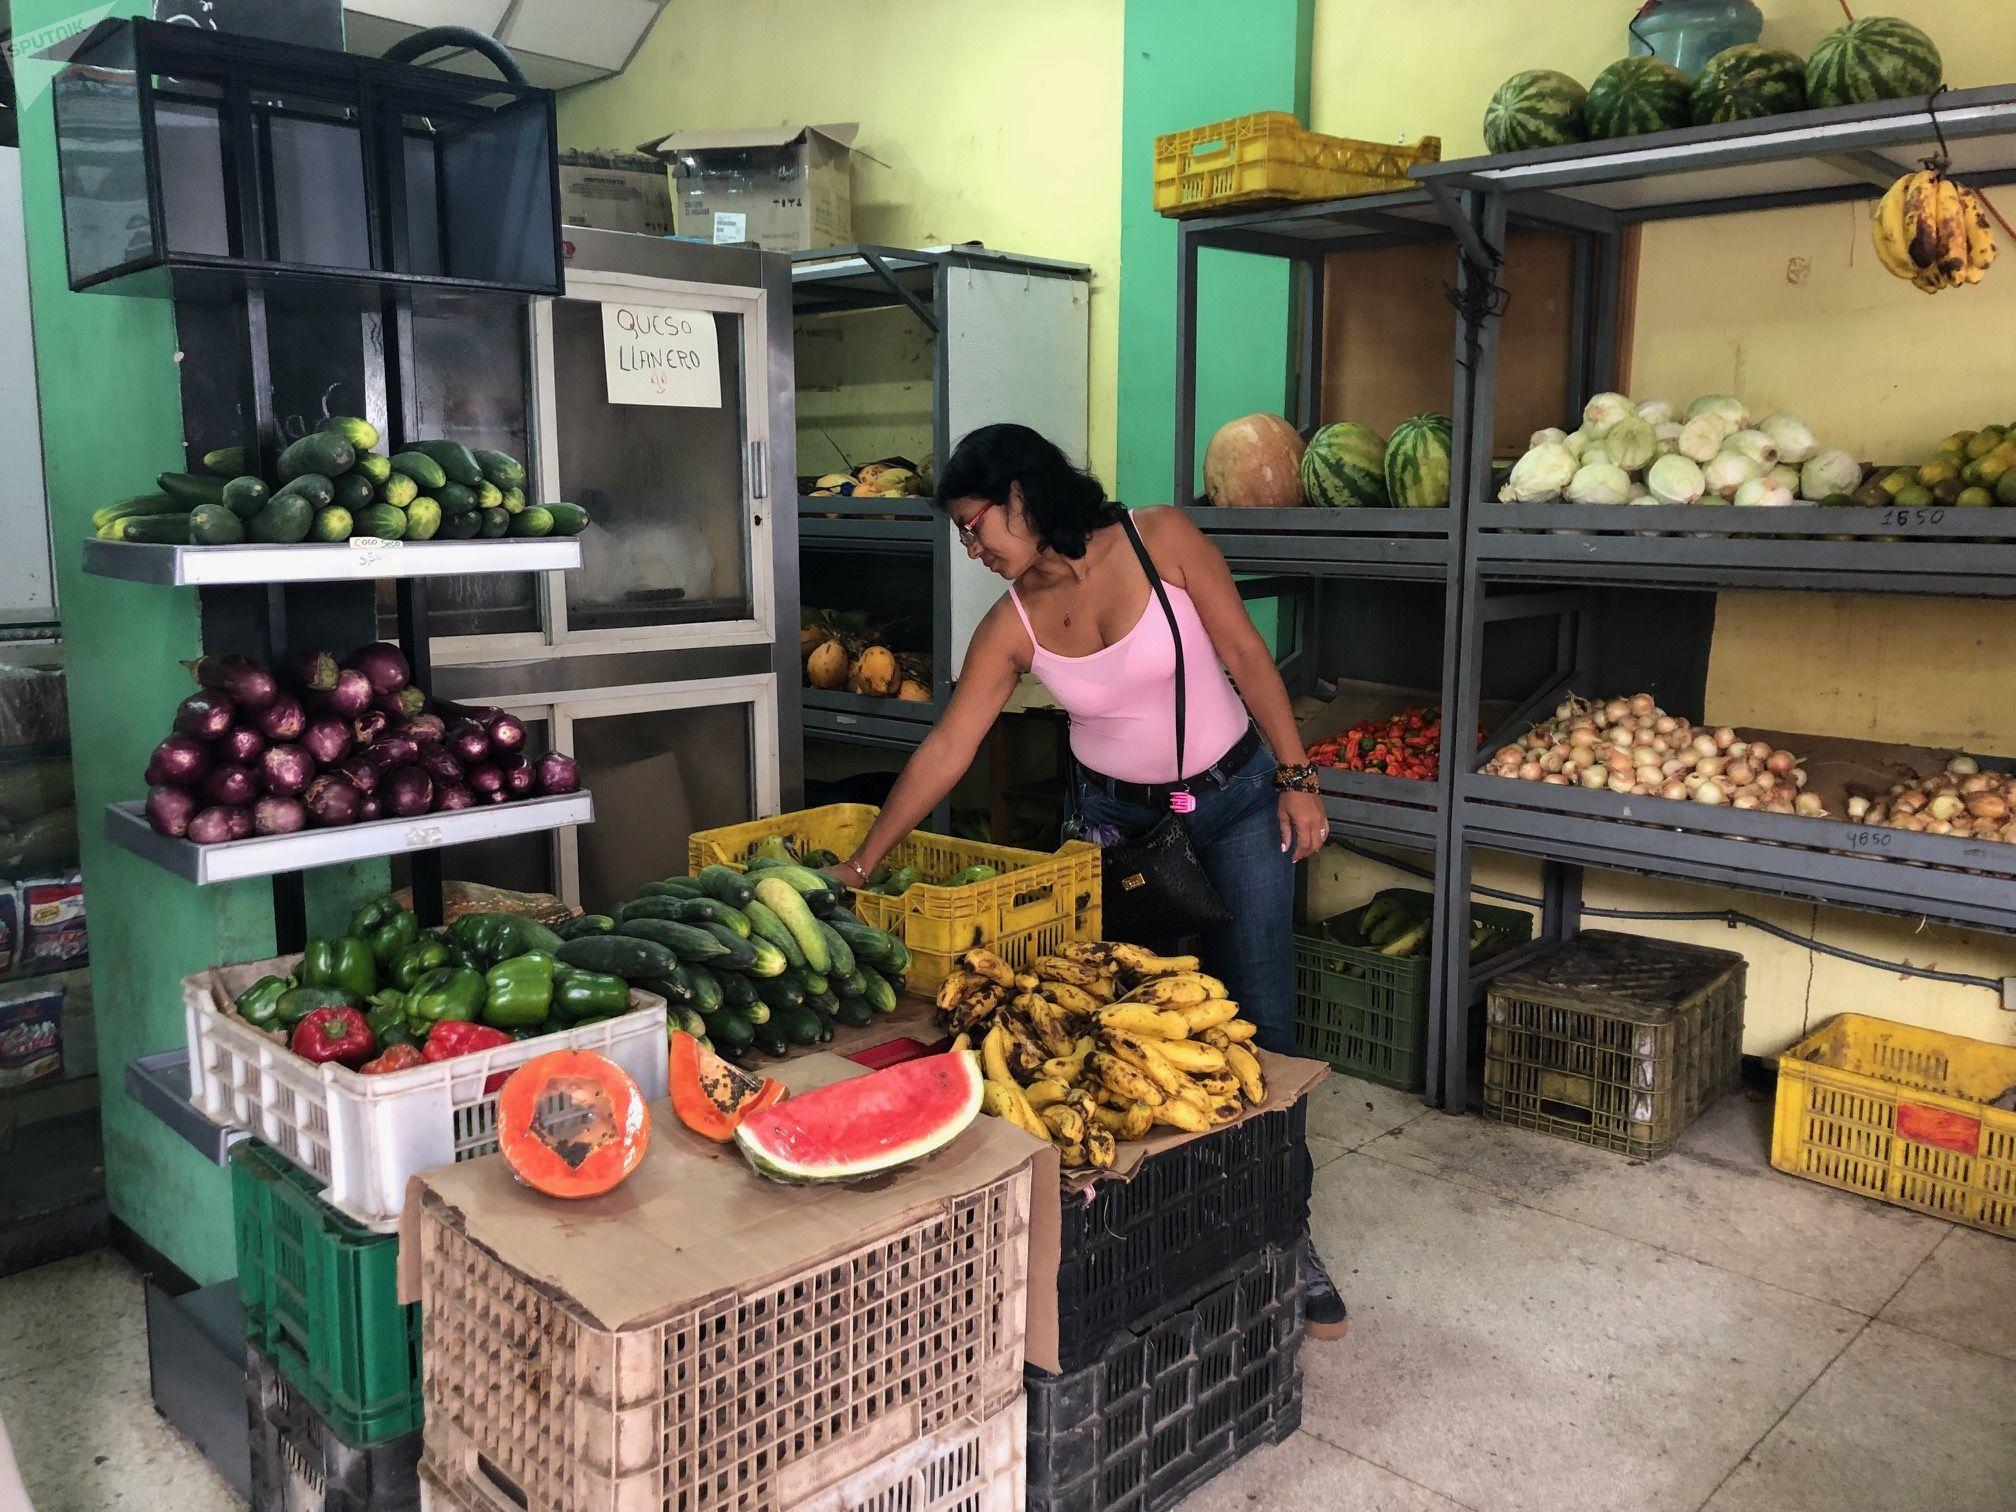 Belkys cuenta que en Venezuela muchos recurren al trueque: ella cambiará un pescado fresco por un paquete de arroz